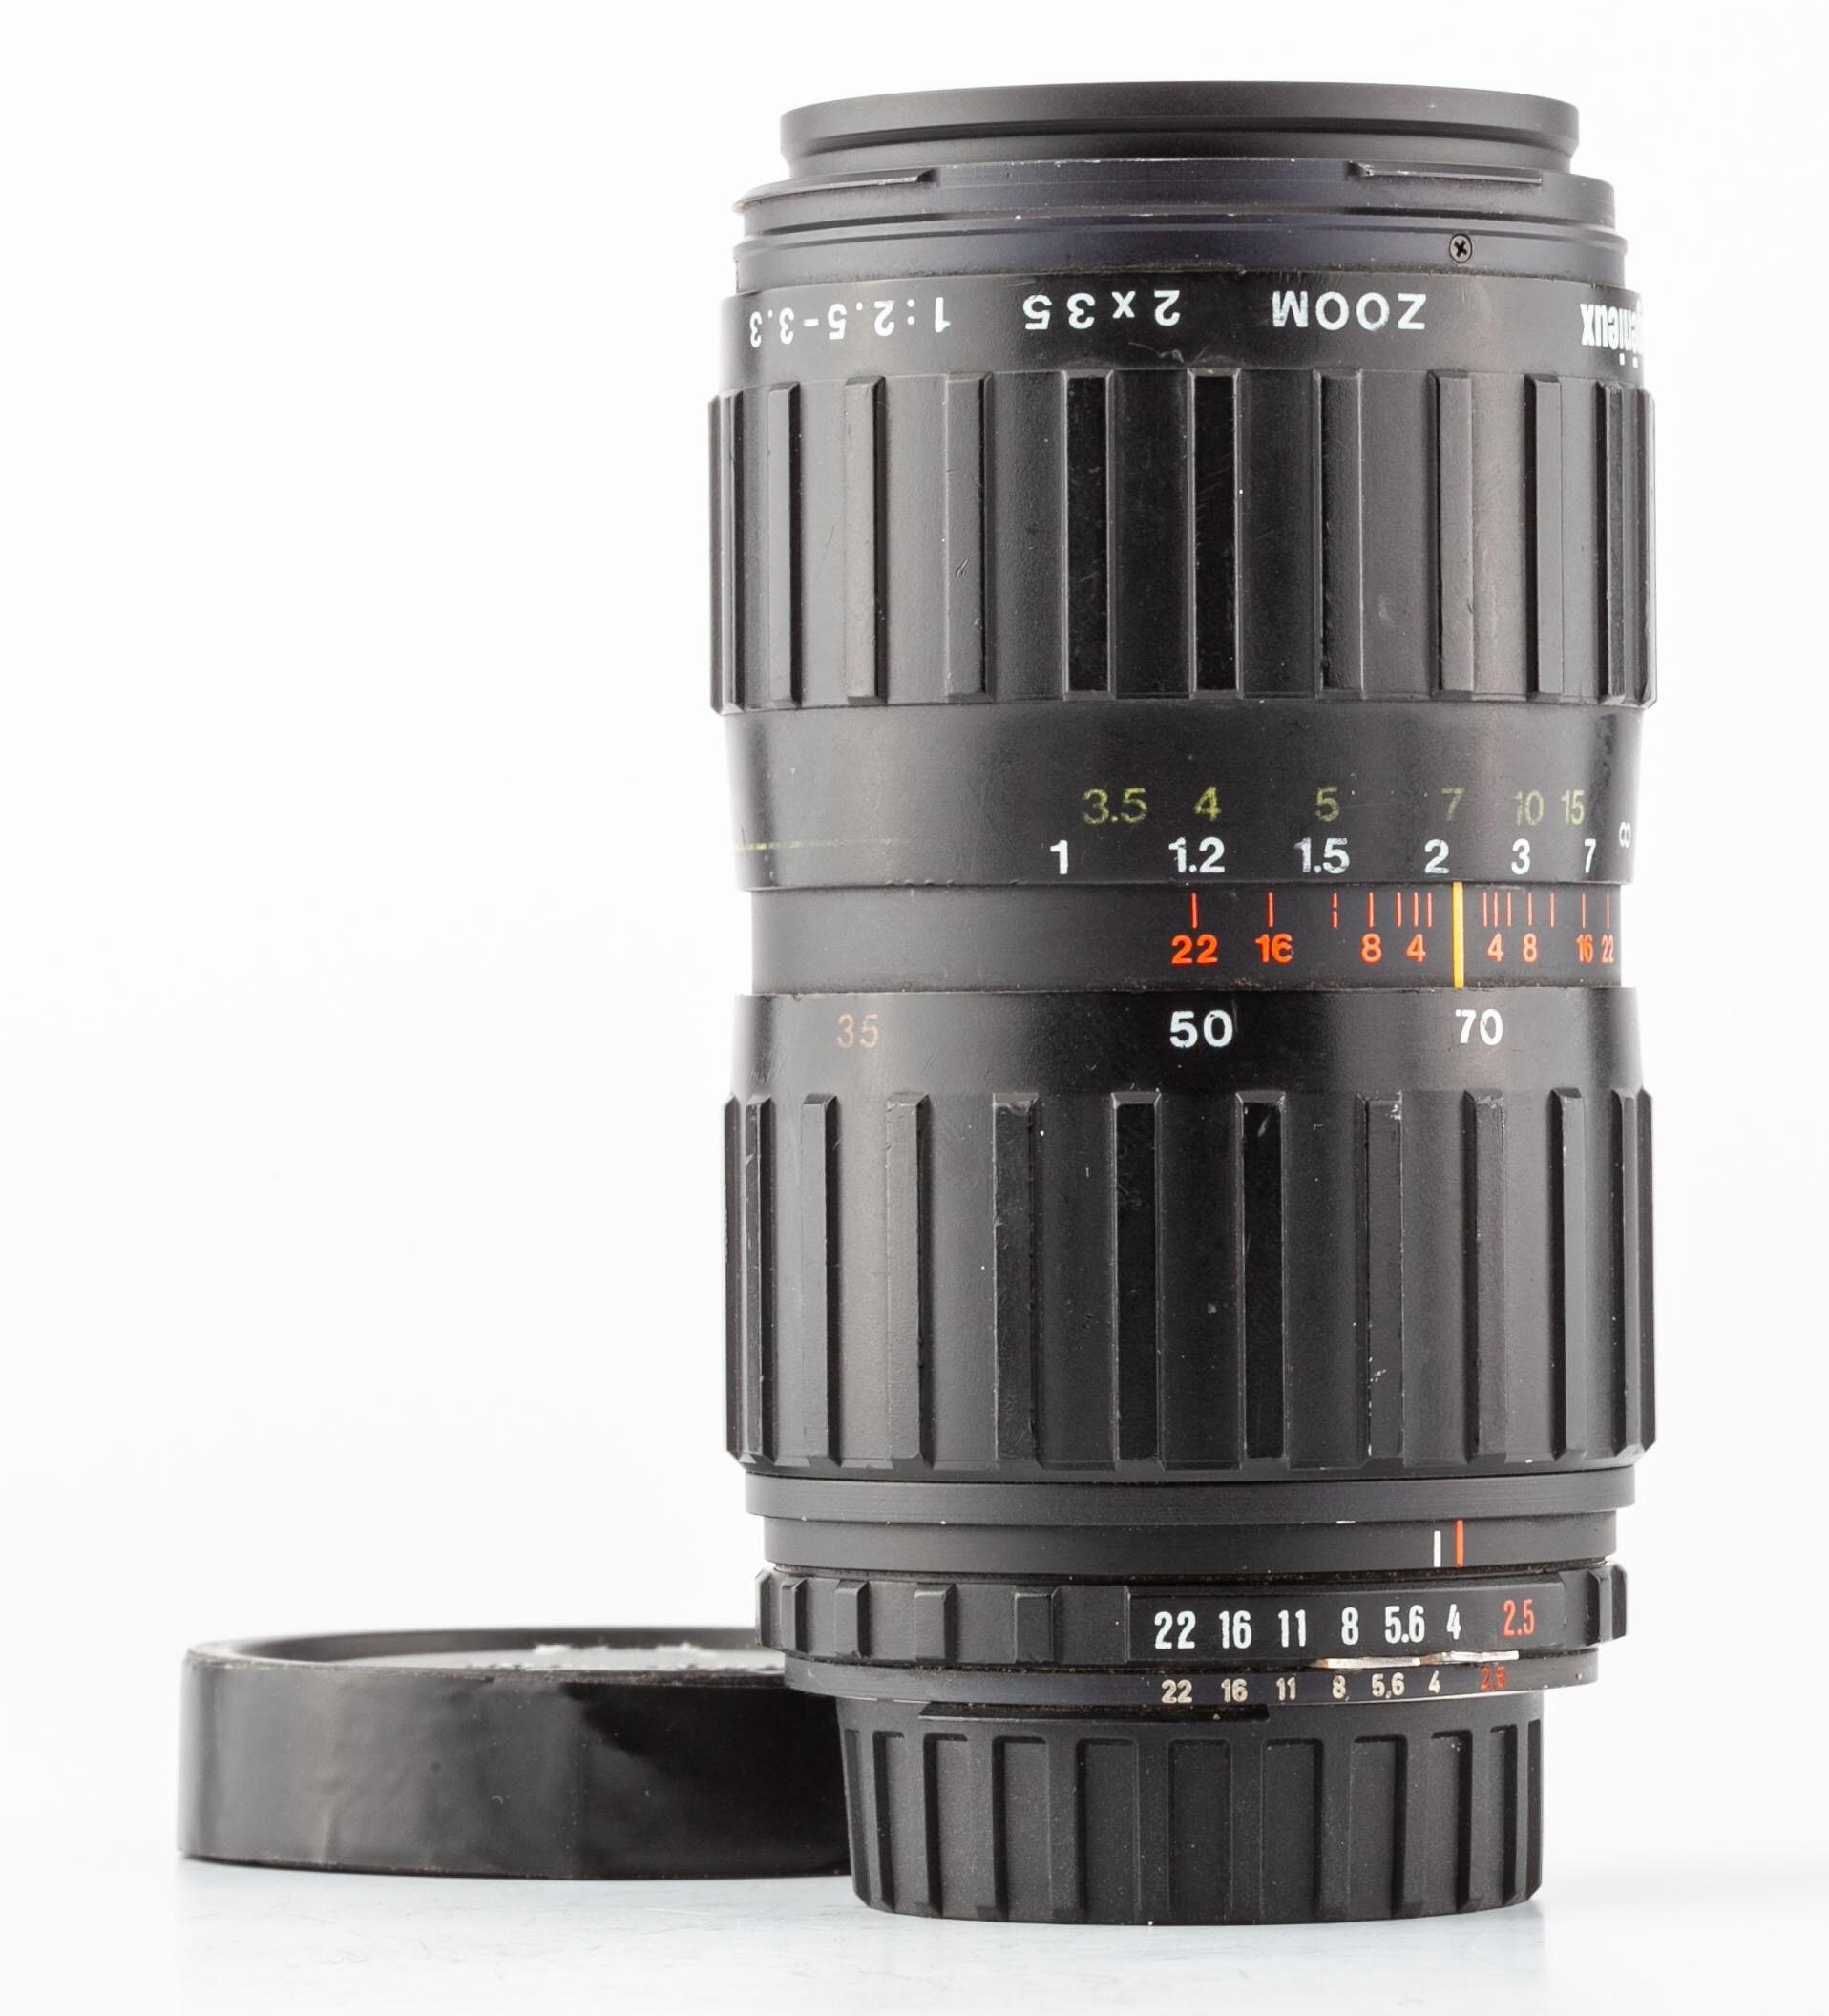 Angenieux Nikon 35-70mm F2.5-3.3